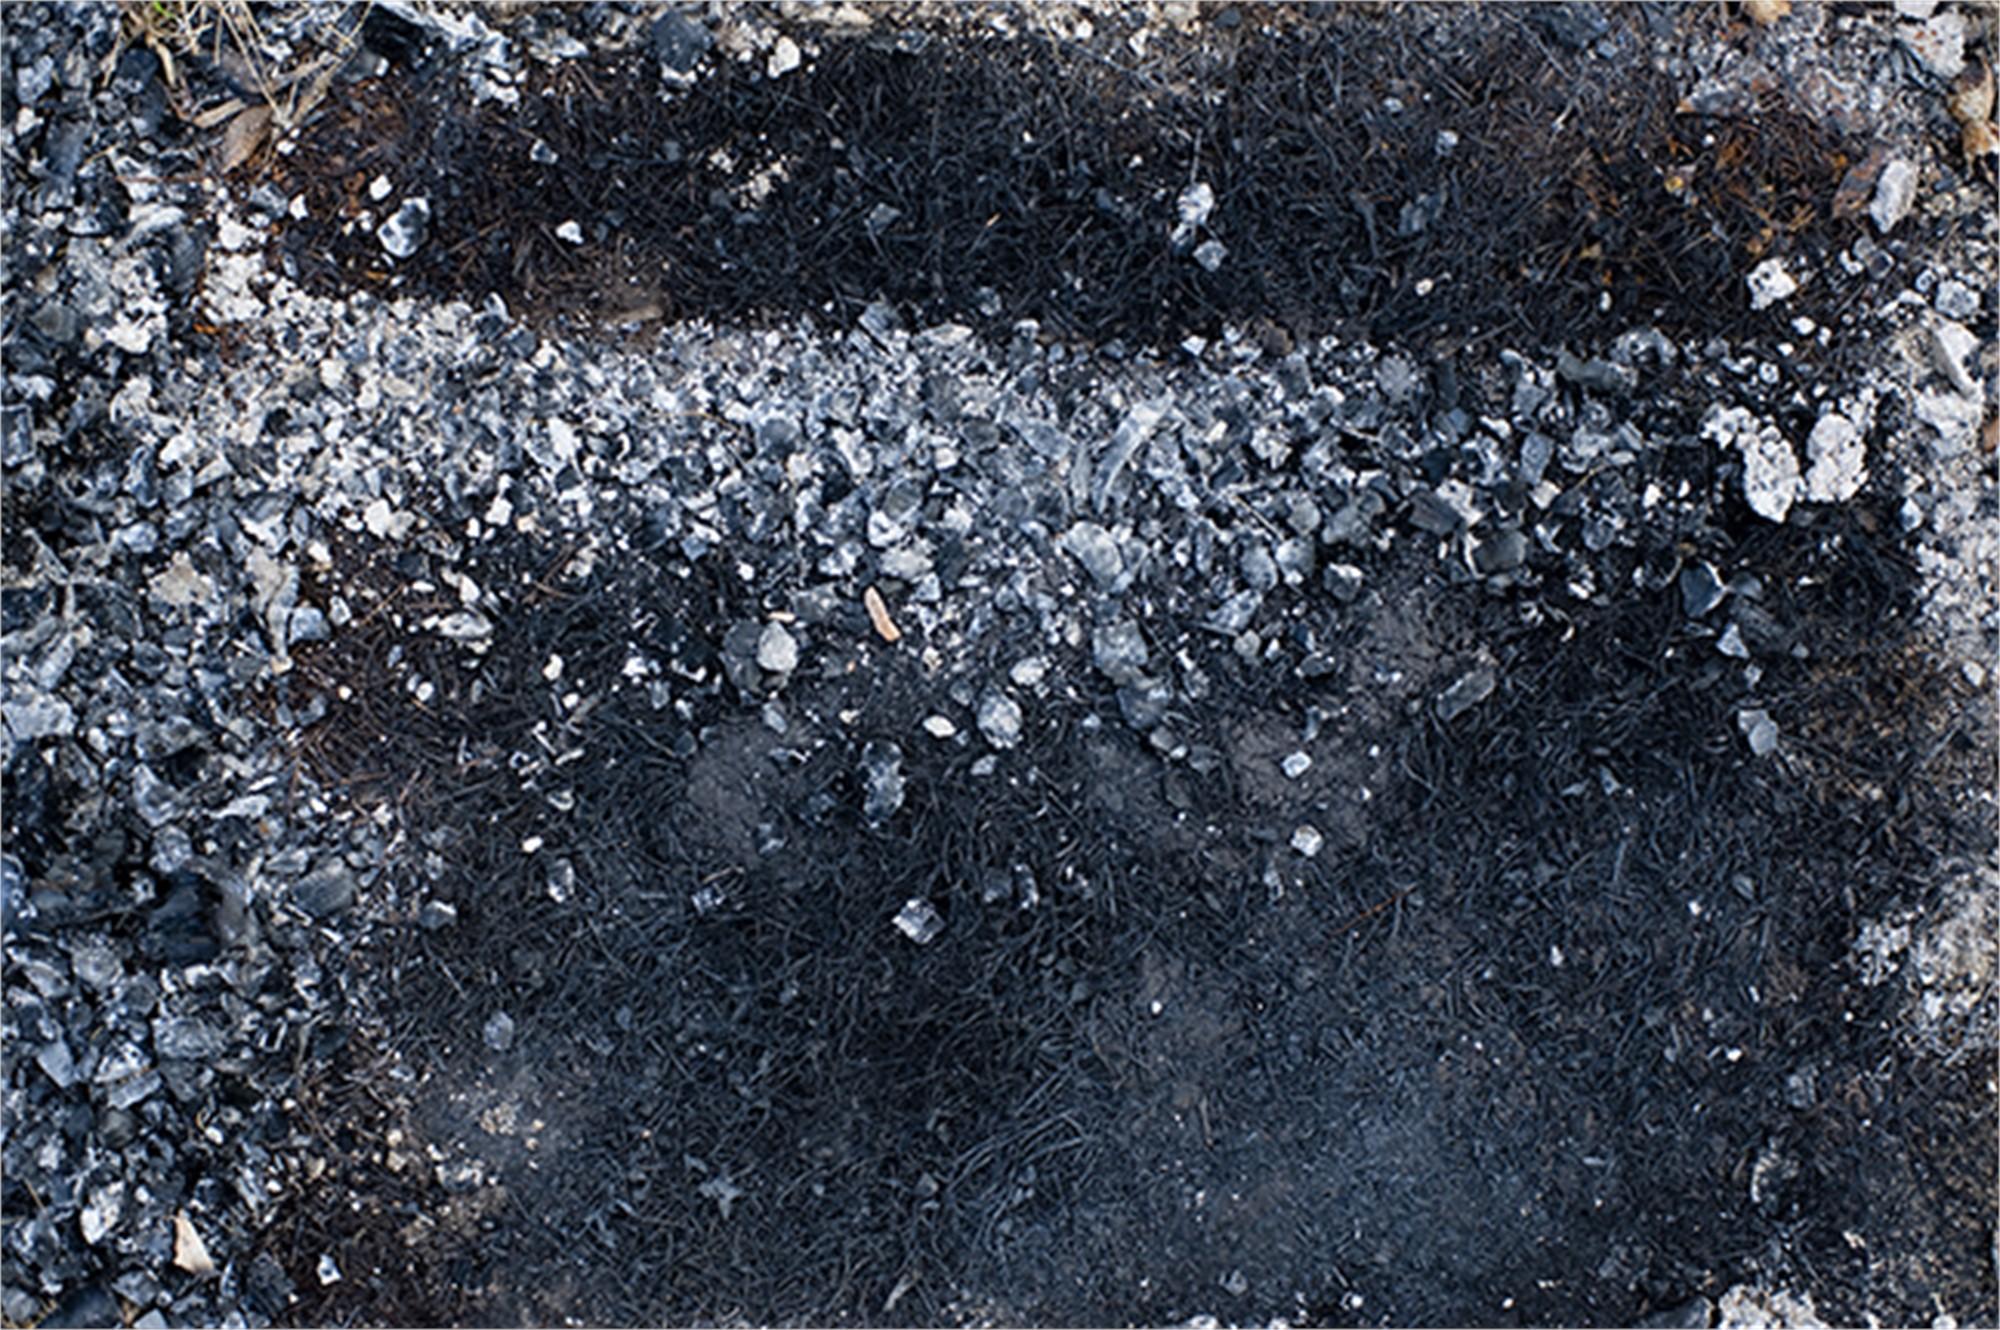 Abandoned Ashes #1 by Frank Sherwood White